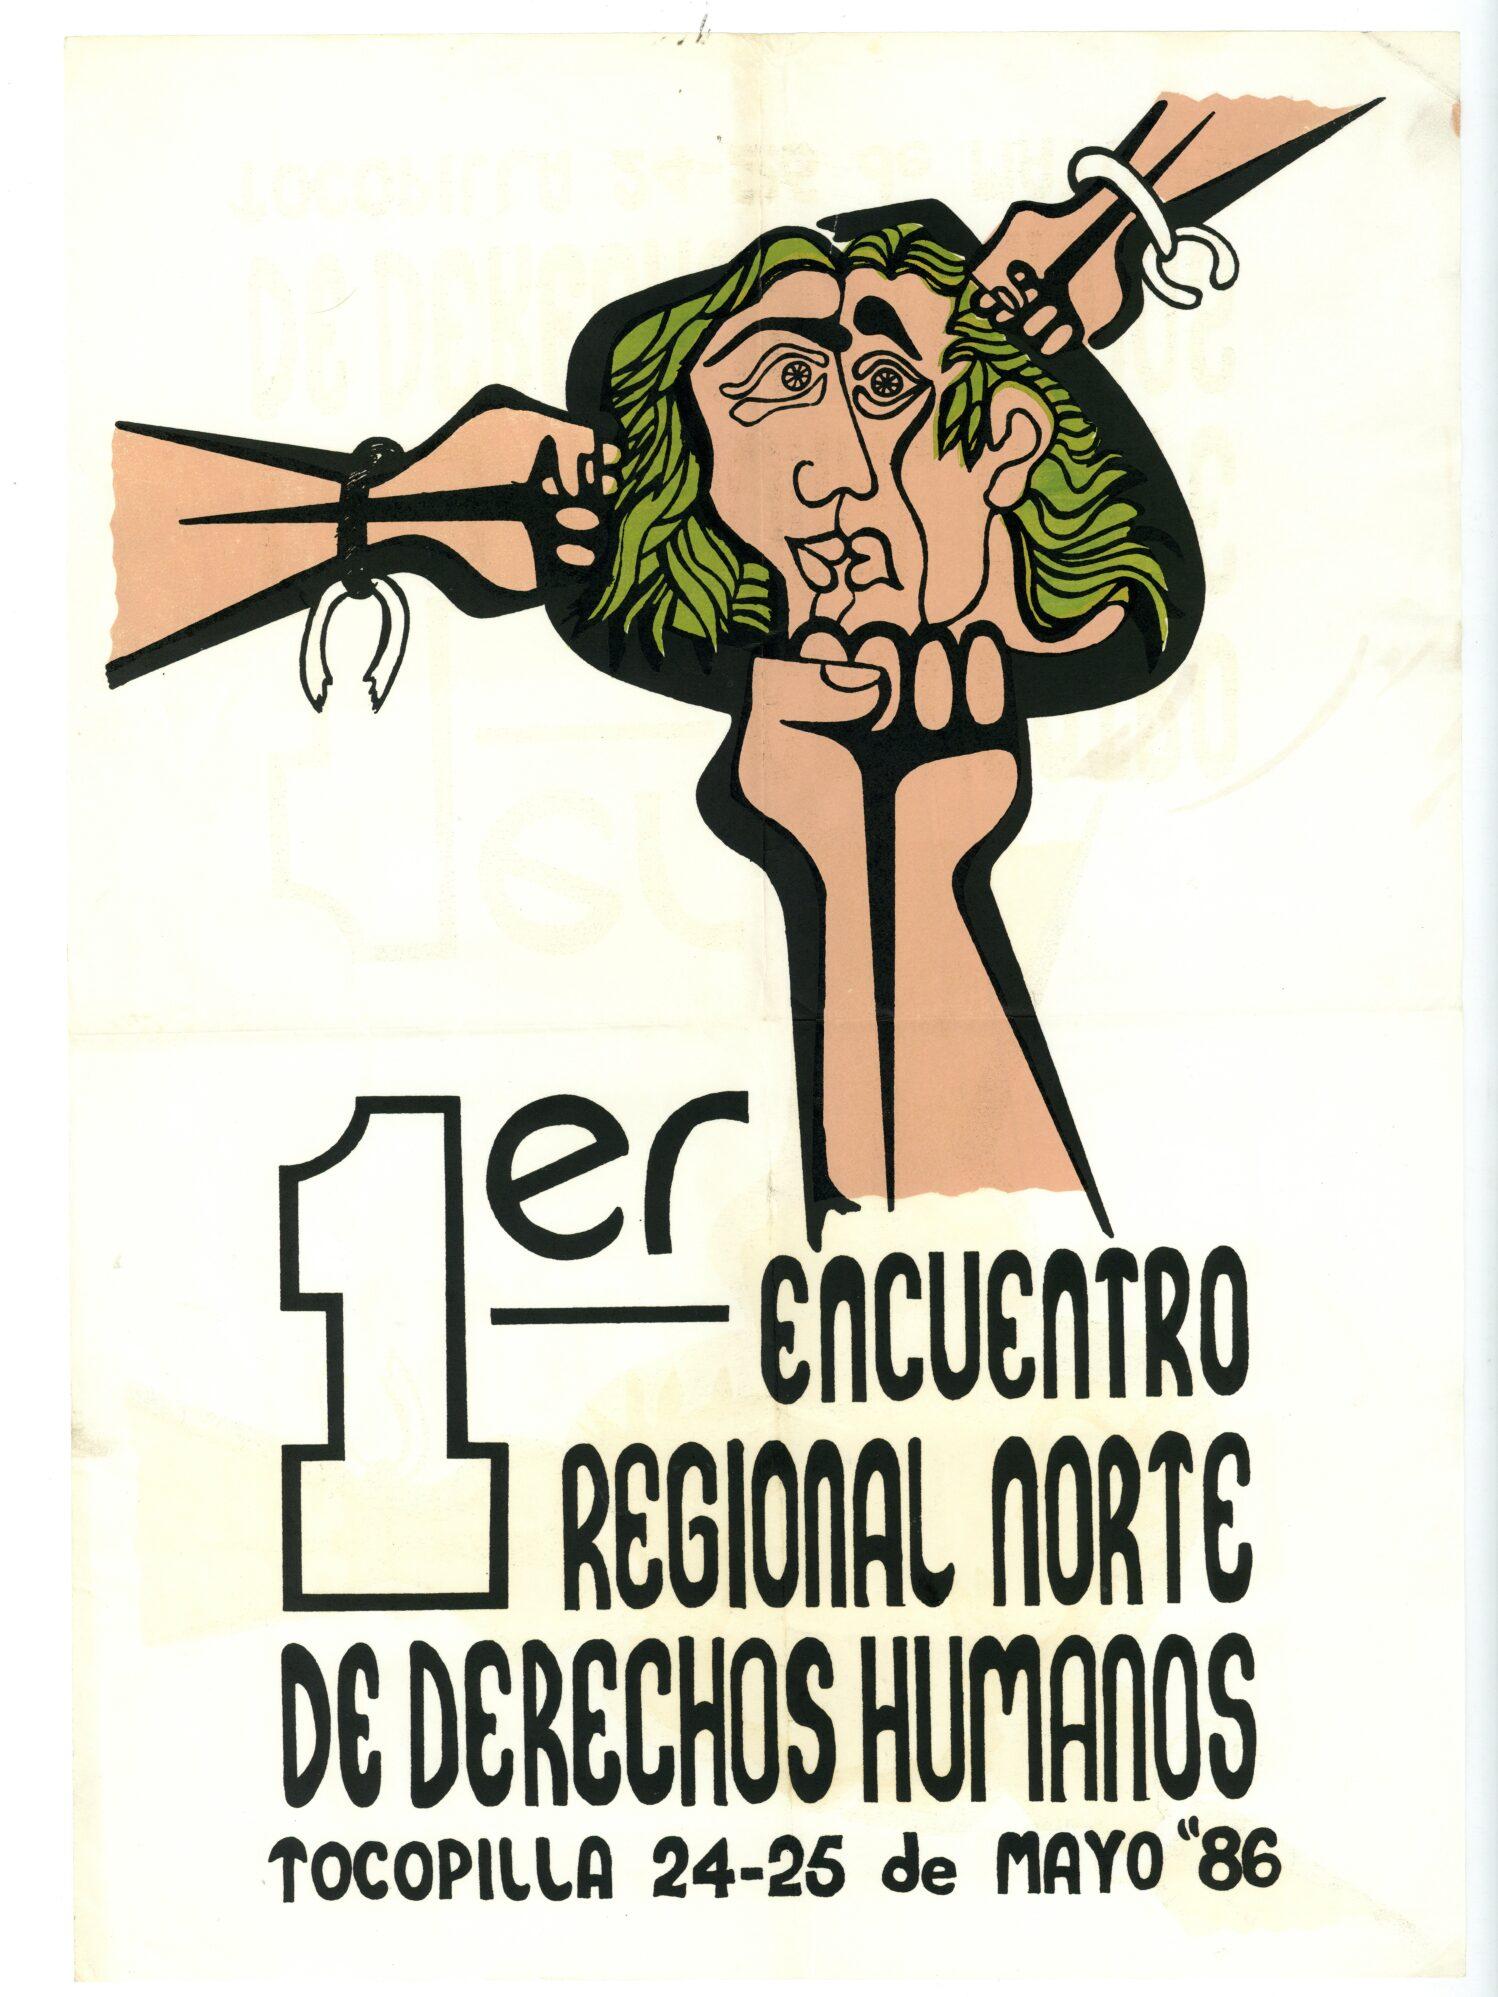 1er Encuentro Regional Norte de Derechos Humanos – Tocopilla. 24-25 de mayo '86